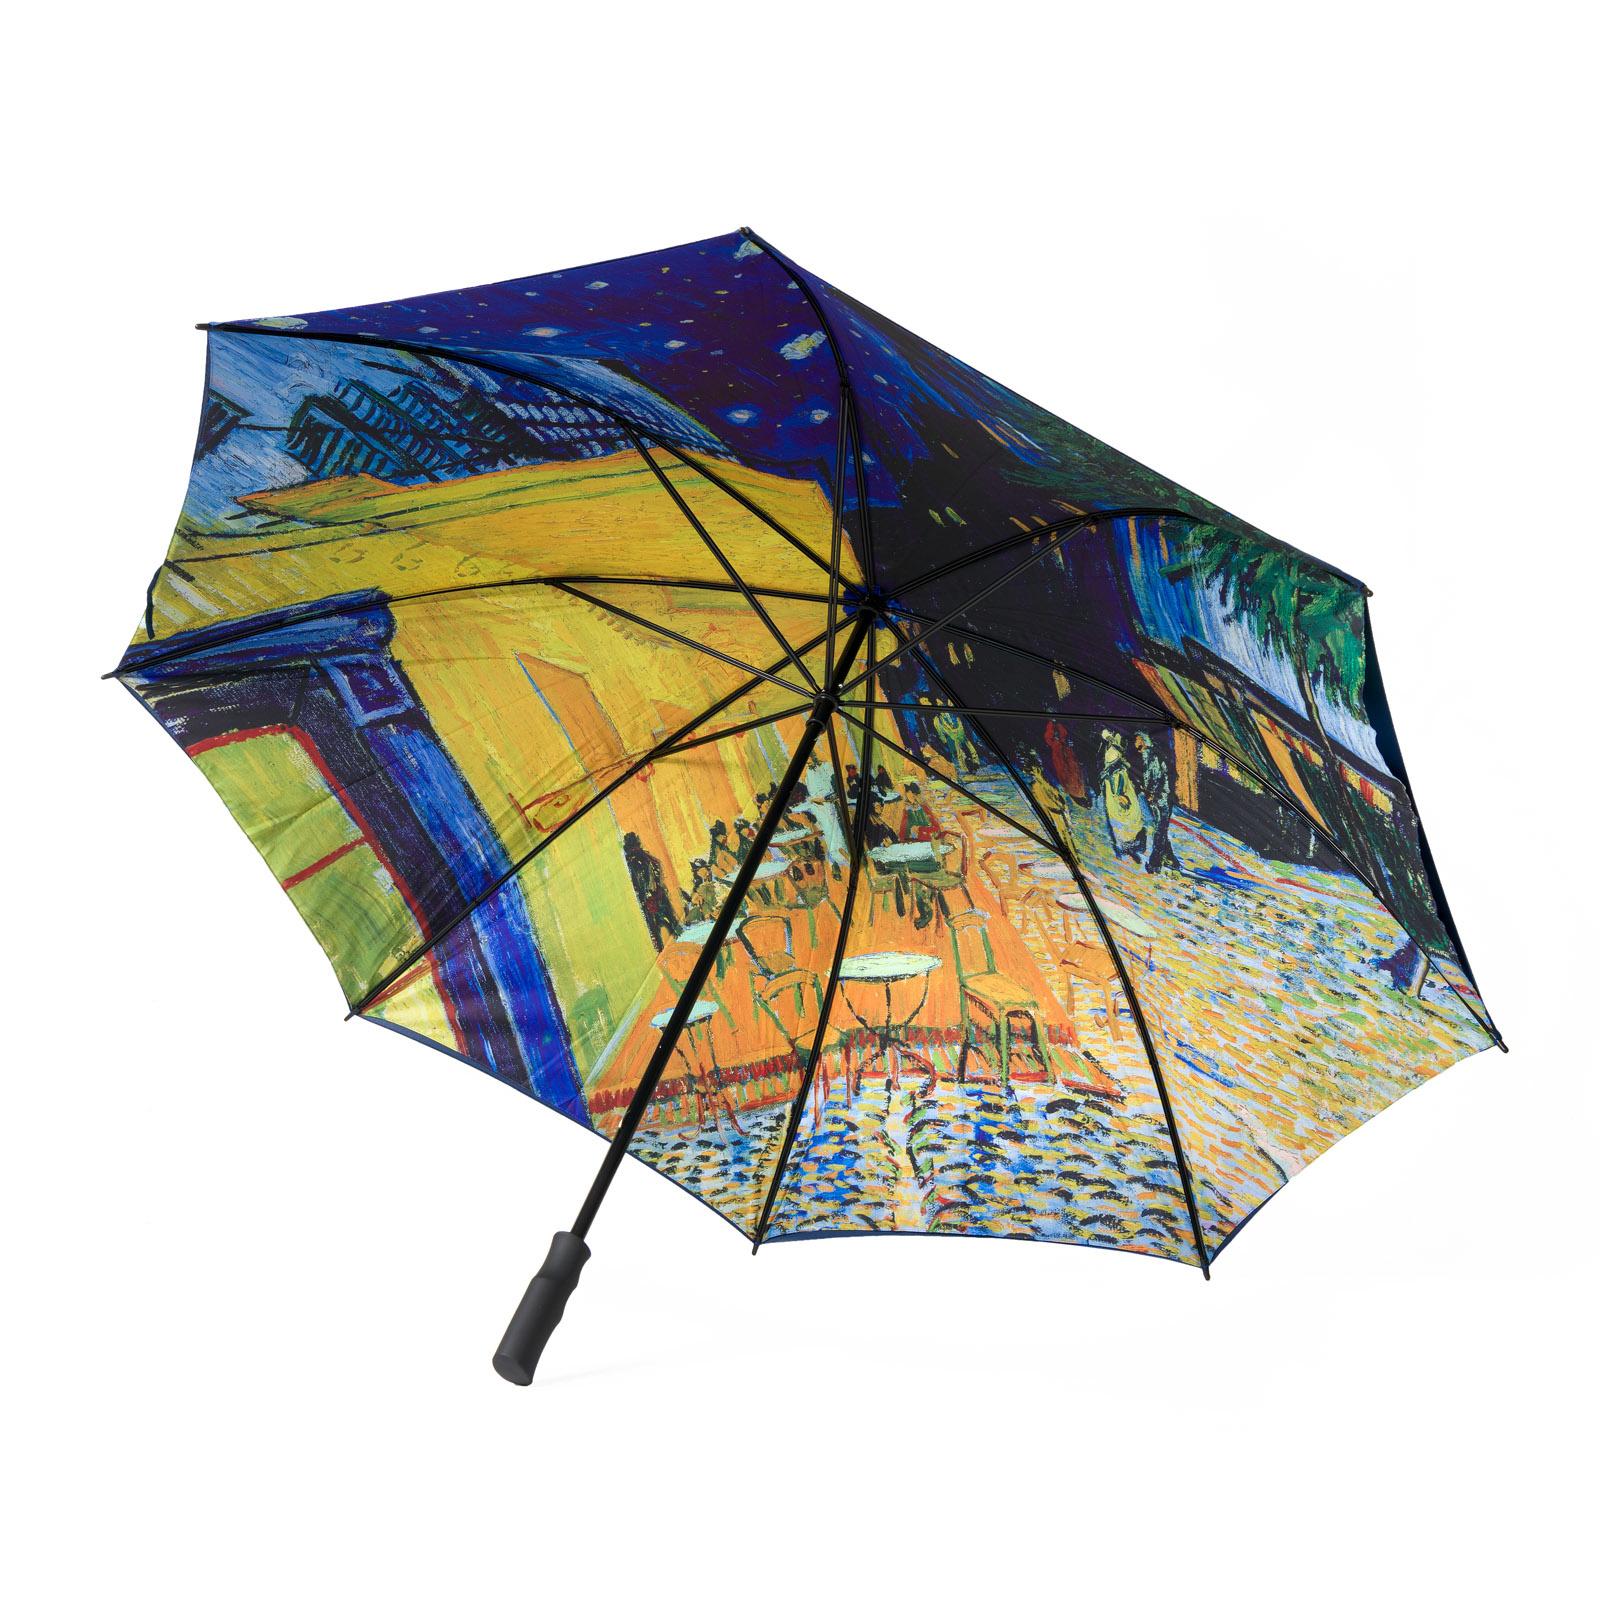 Umbrella 'Terrace of a Café at Night' - Vincent van Gogh